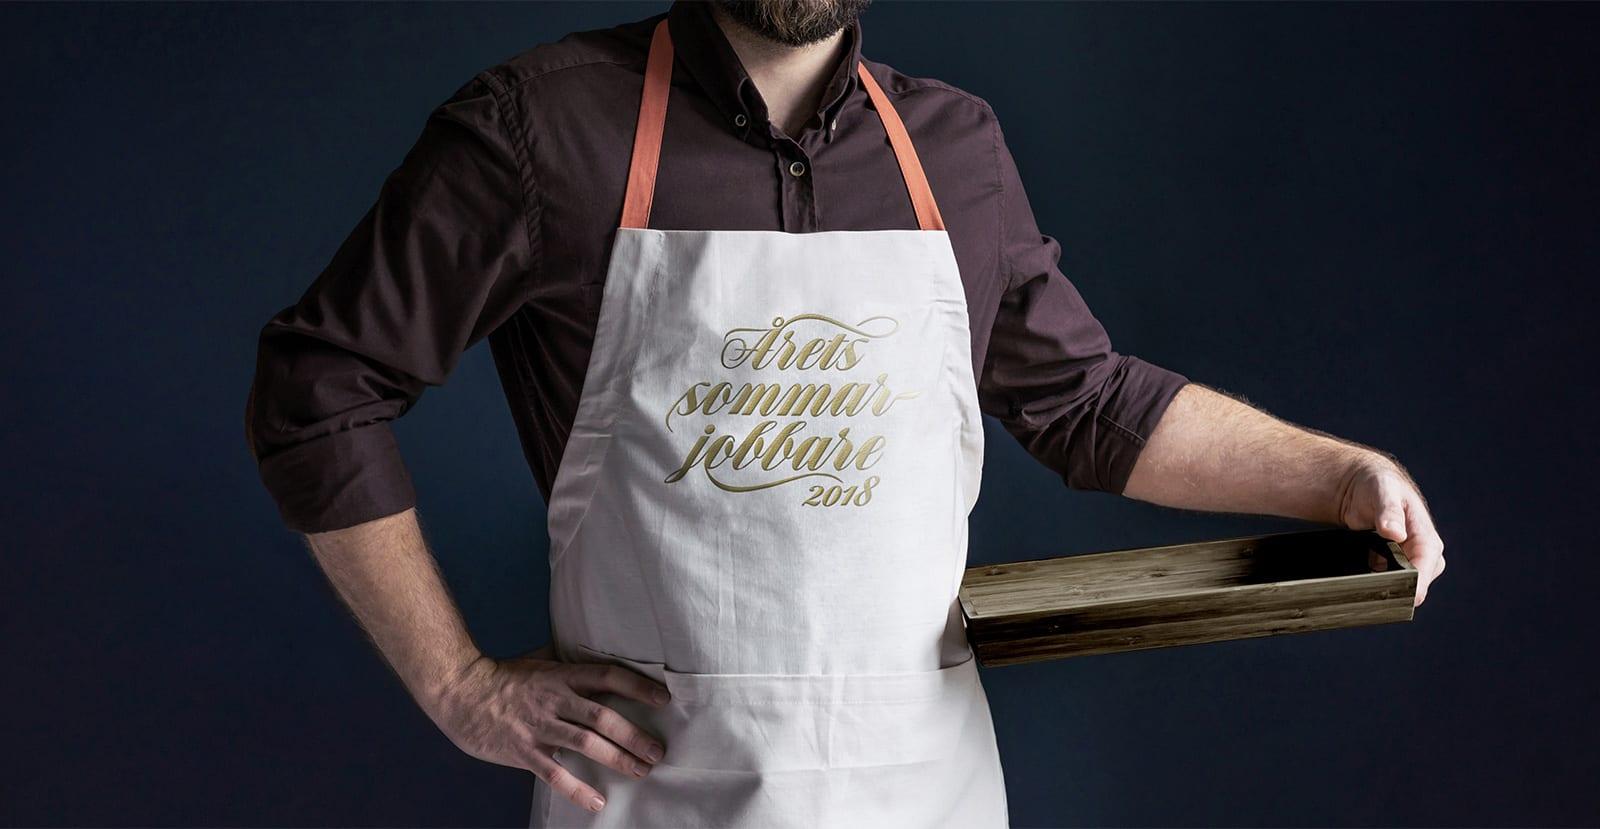 Årets Sommarjobbare instiftat av Svenska Kulturpärlor